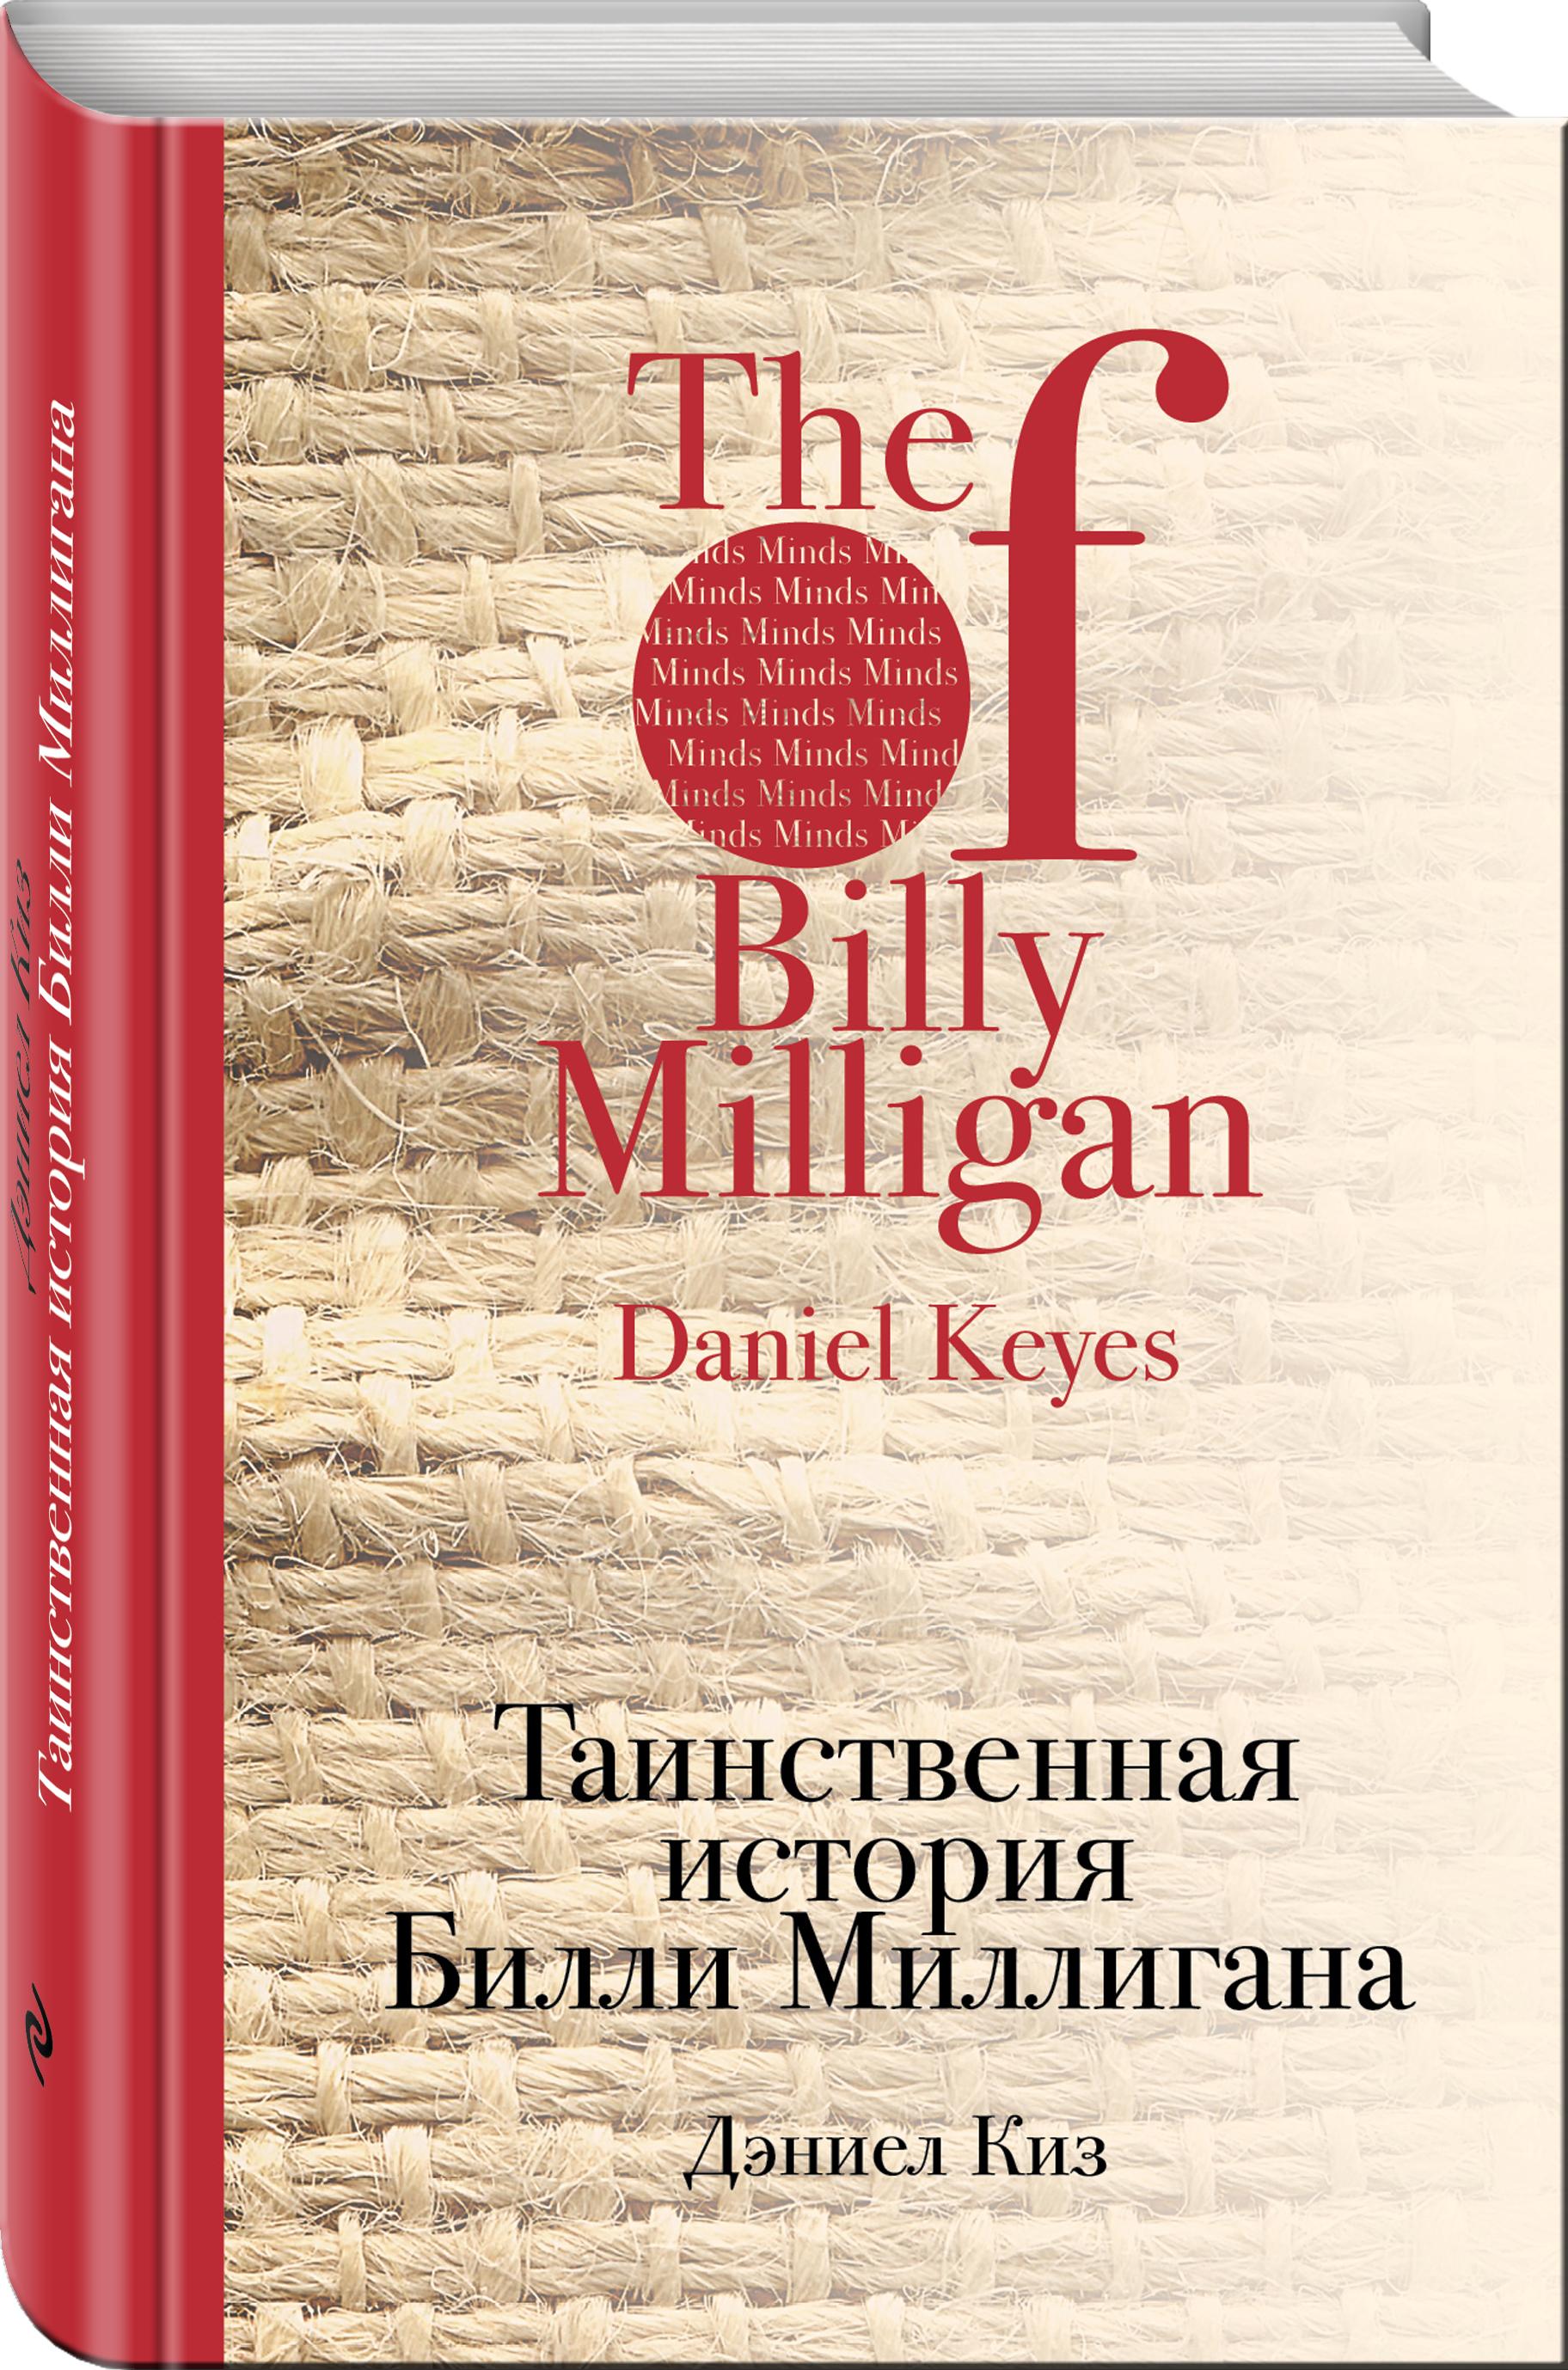 Киз Д. Таинственная история Билли Миллигана